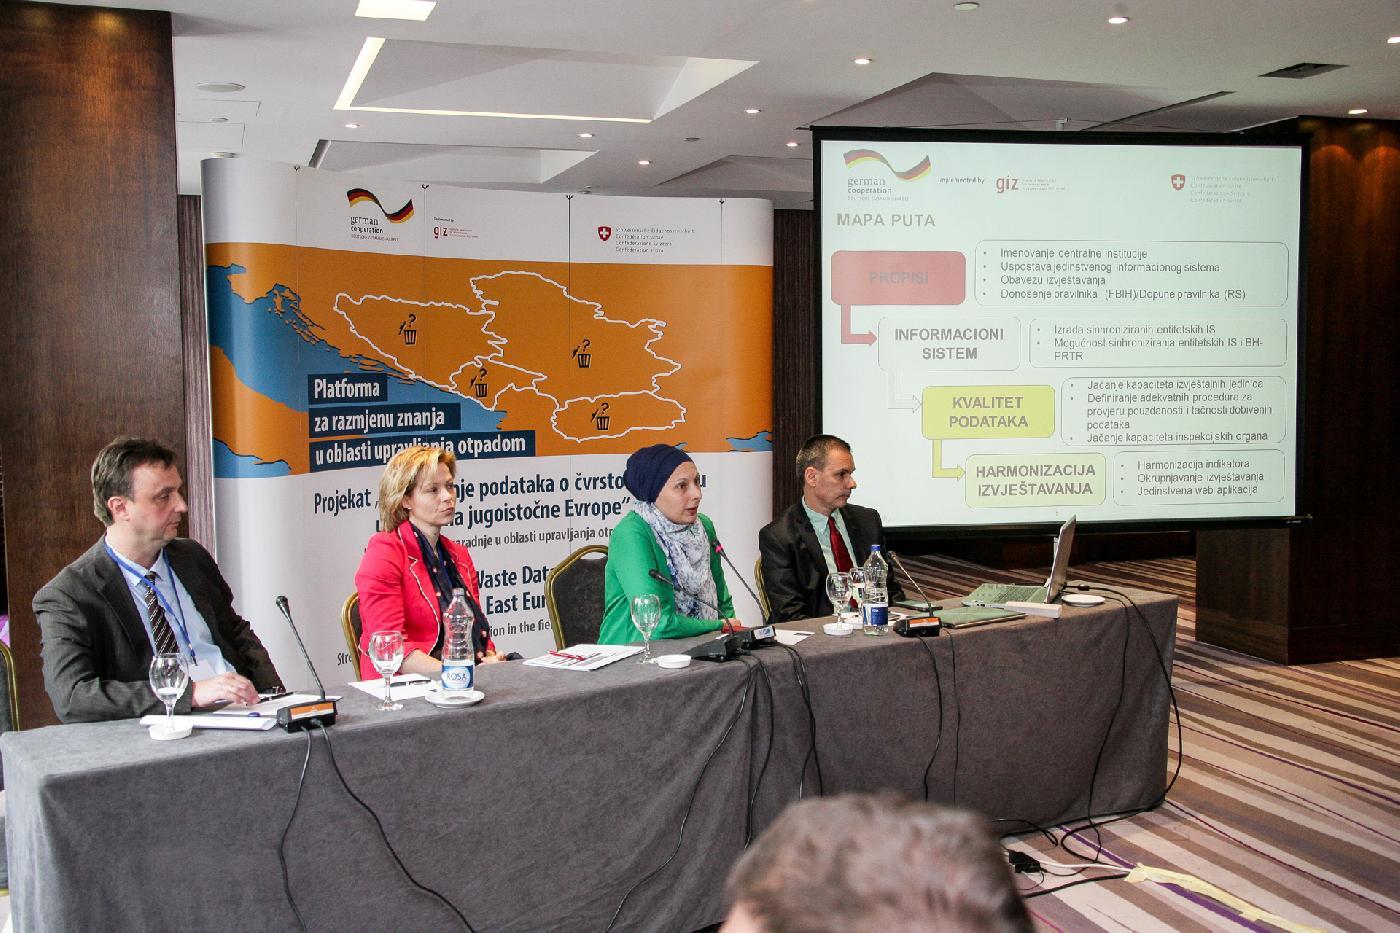 Drugi sastanak platforme za razmjenu znanja u oblasti upravljanja otpadom